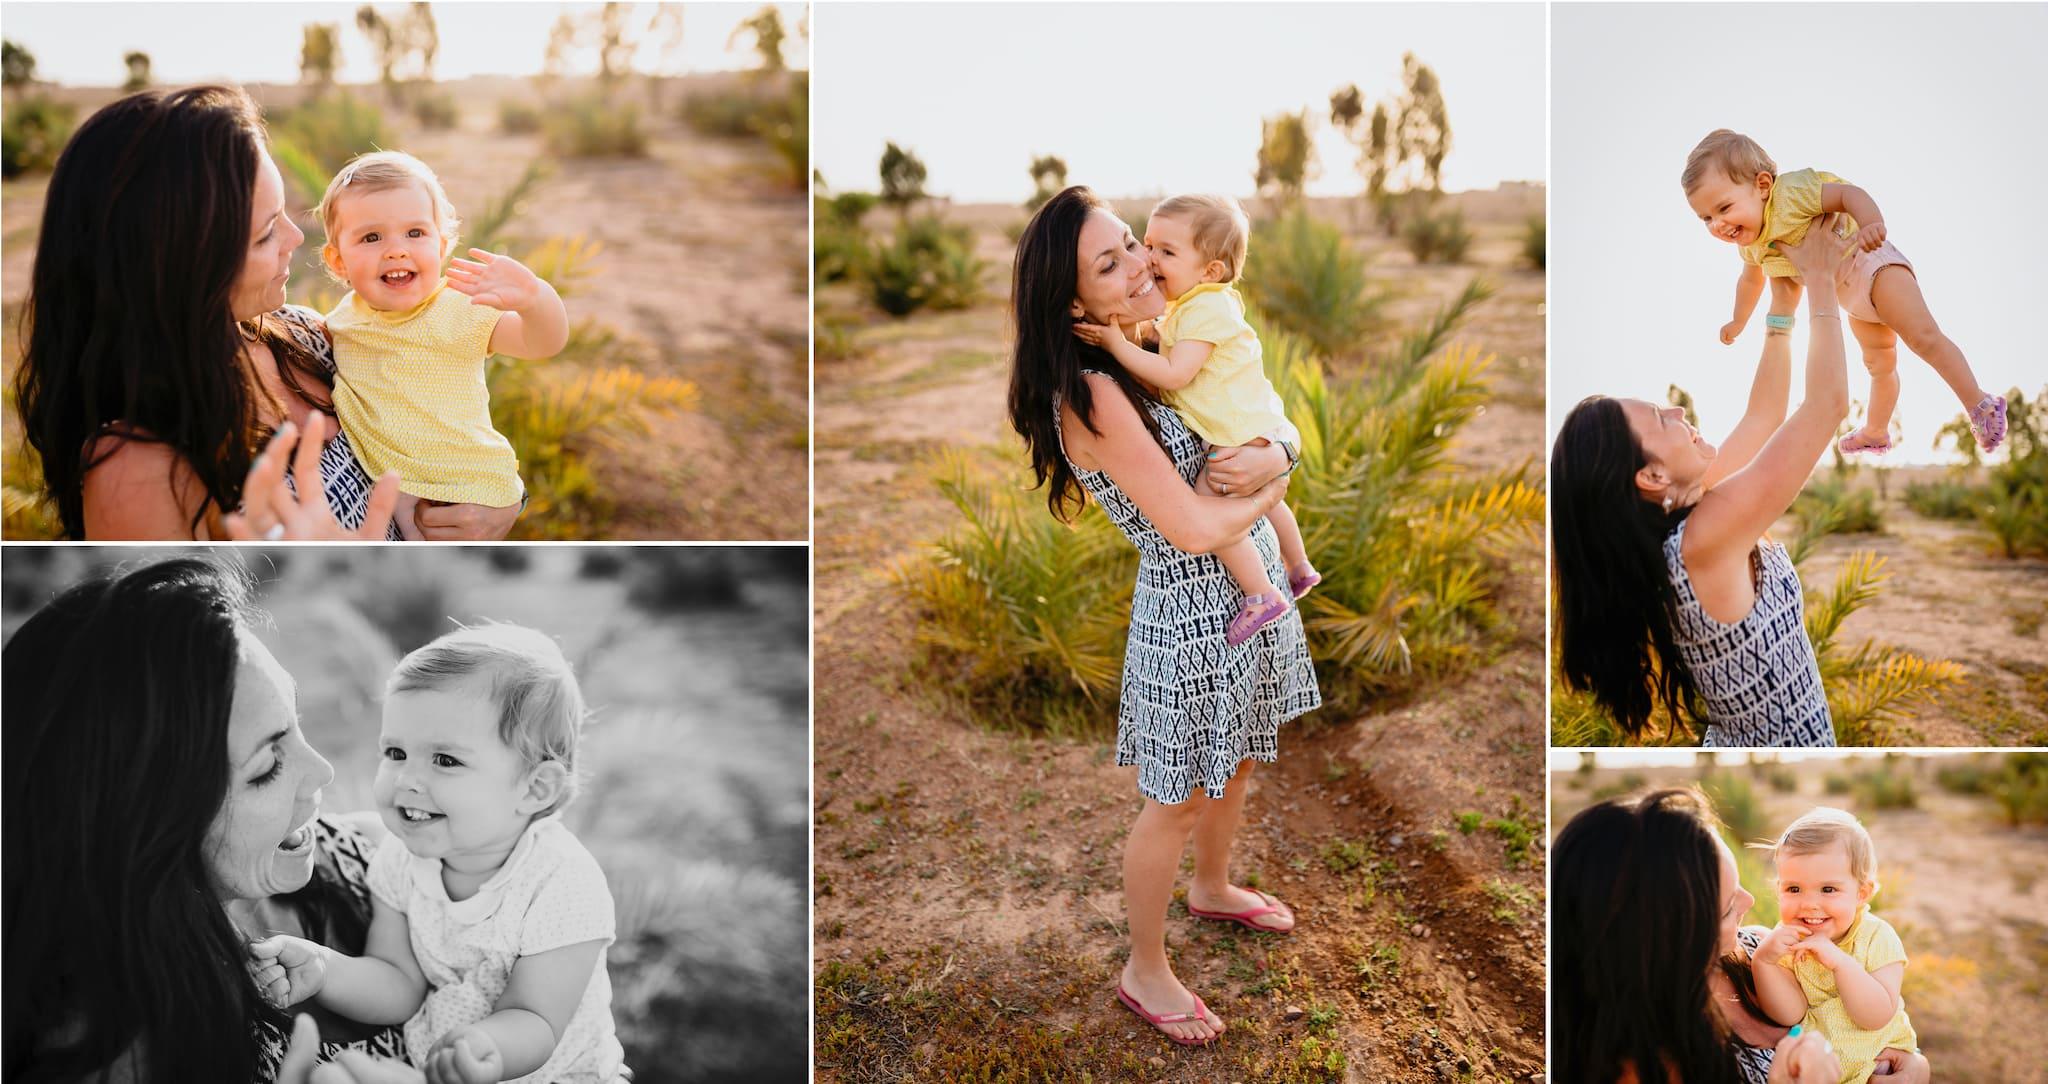 marrakesh ; maroc ; photographe ; séance photo famille ; mère et fille